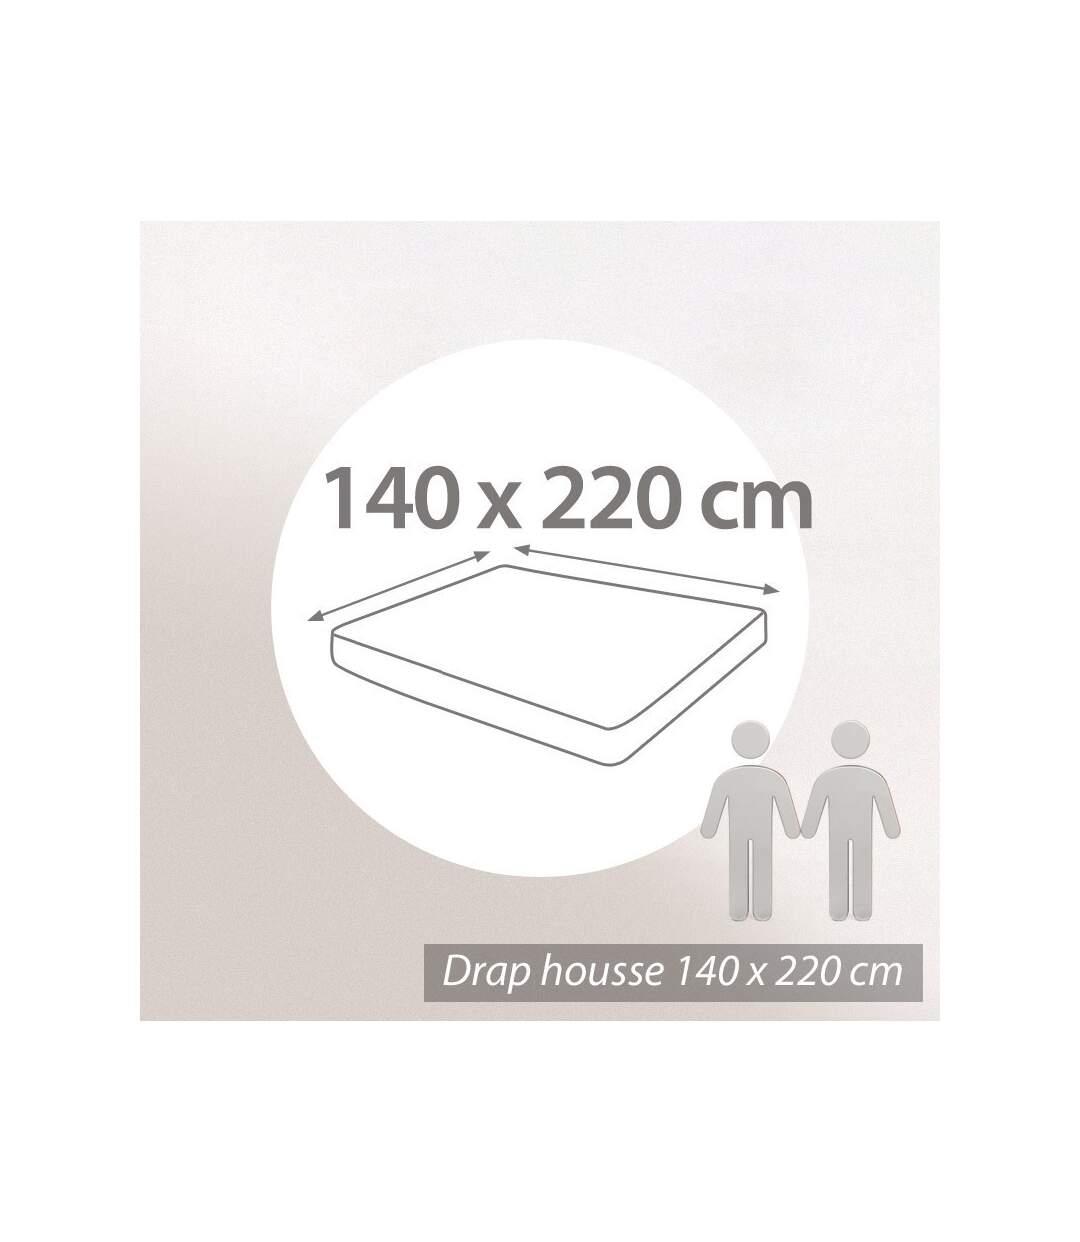 Protège matelas 140x220 cm ANTONIN Molleton absorbant traité anti-acariens Bonnet 40cm